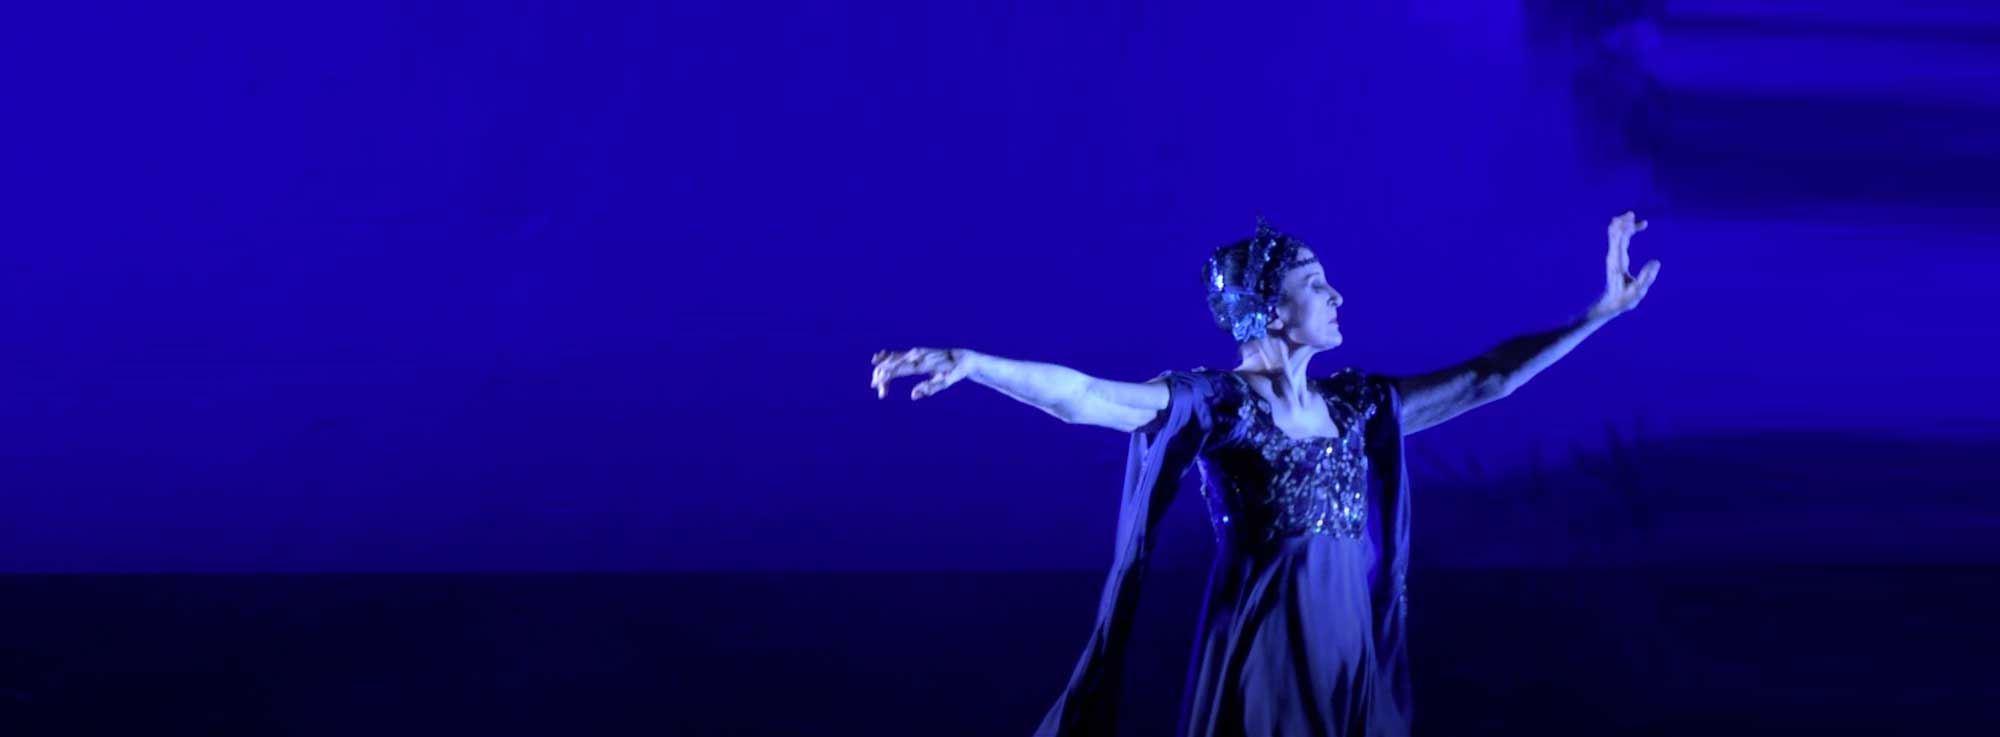 Foggia: Balletto di Carla Fracci